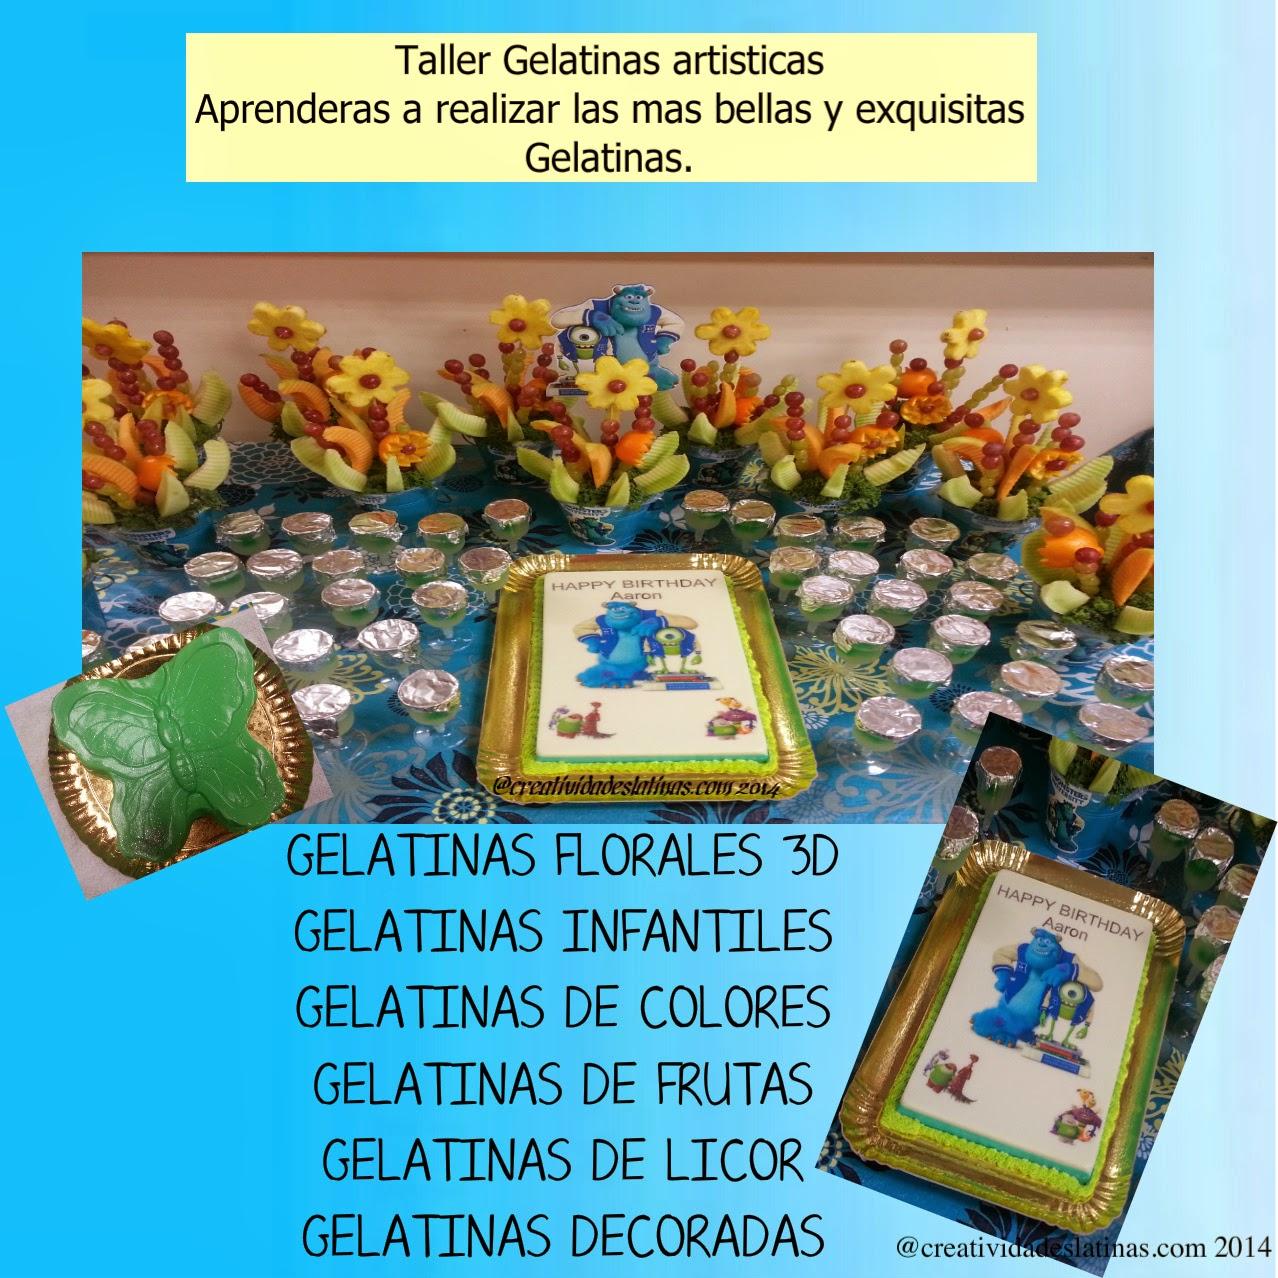 TIENDA ONLINE DE CREATIVIDADES LATINAS: GALERIA